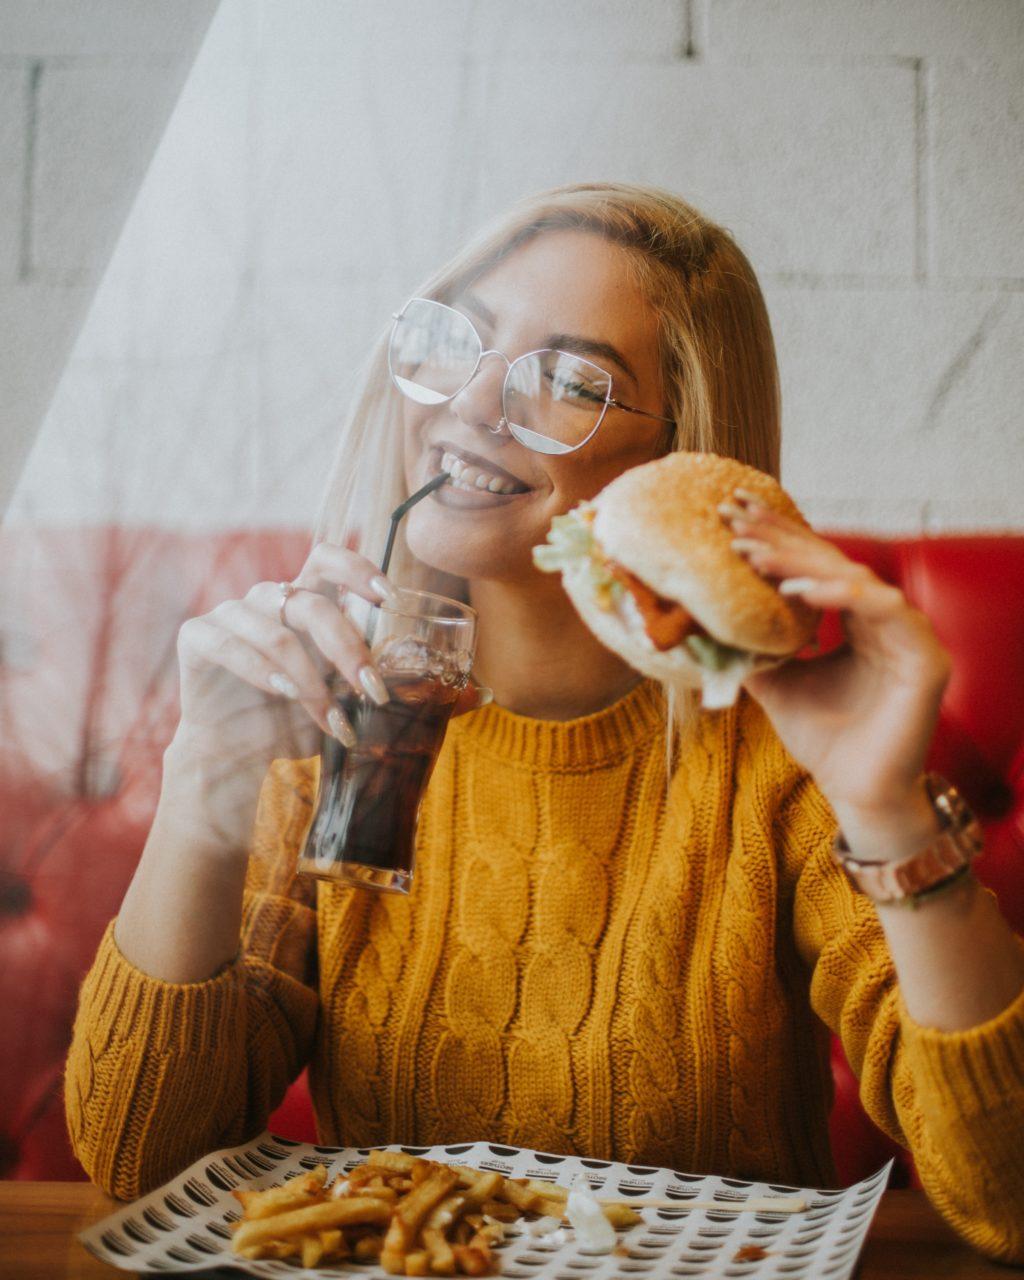 ジャンクな飲食の習慣